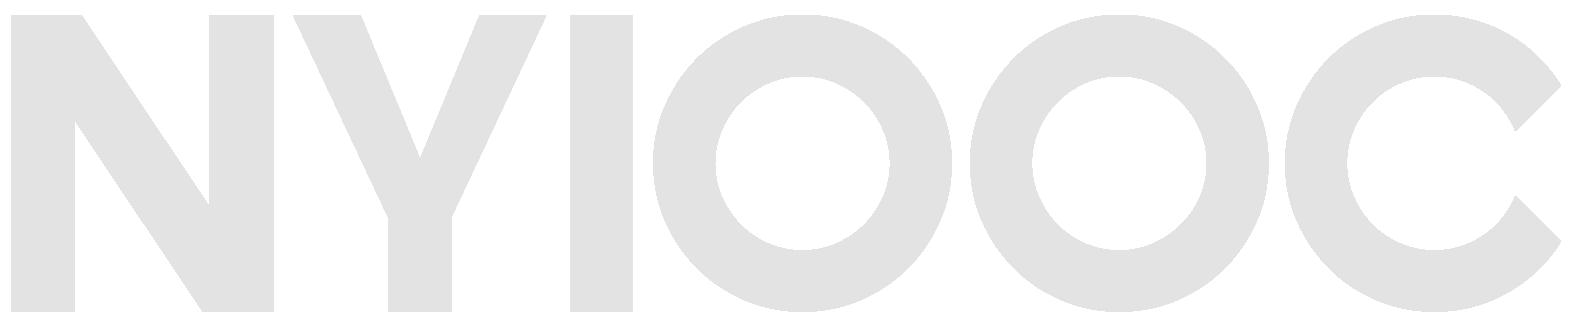 NYIOOC